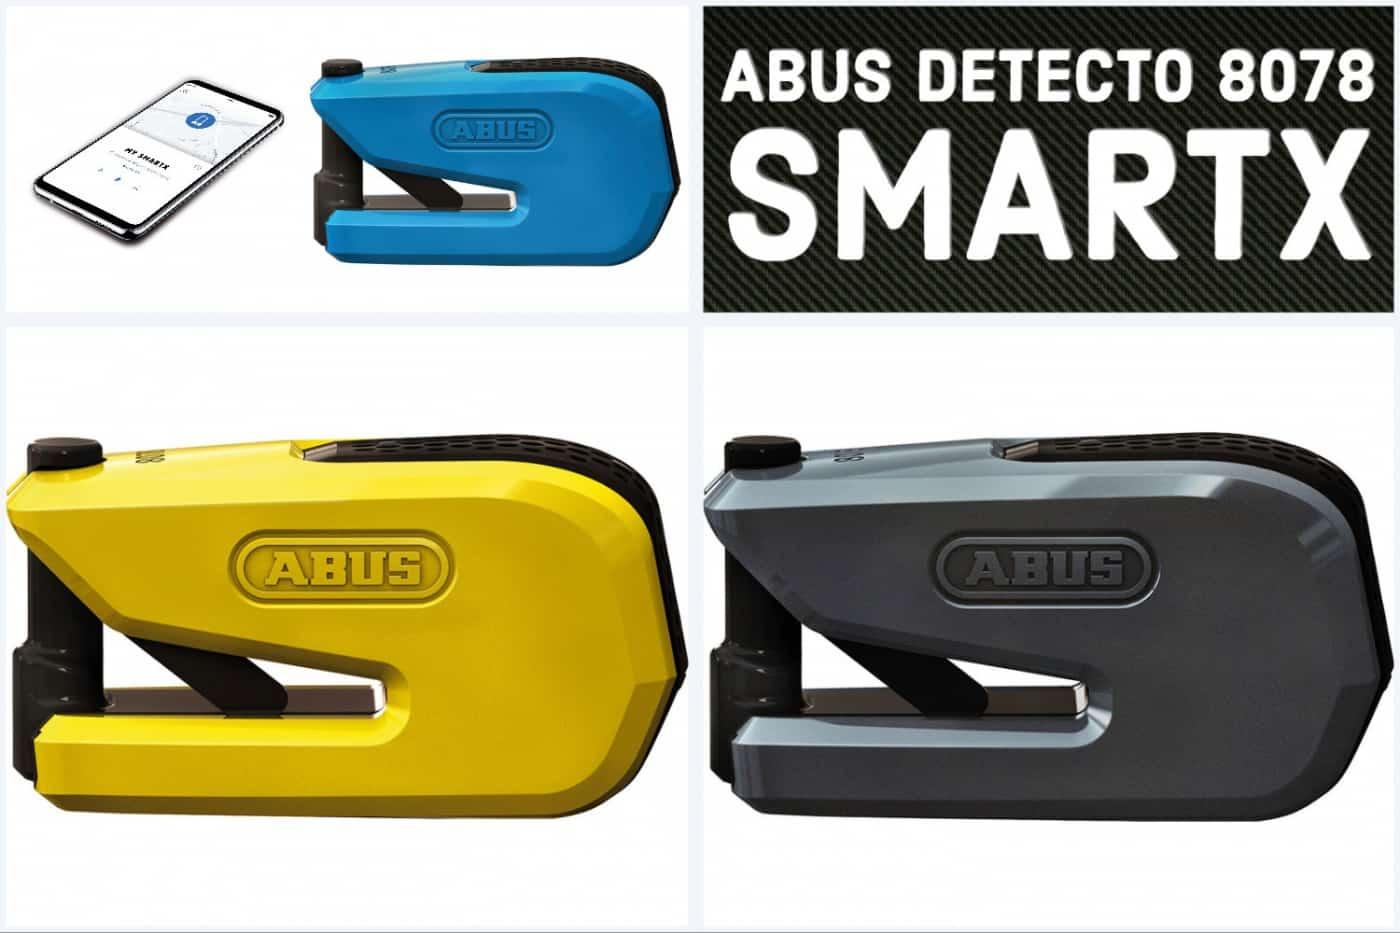 Farben ABUS Detecto Granit 8078 SmartX